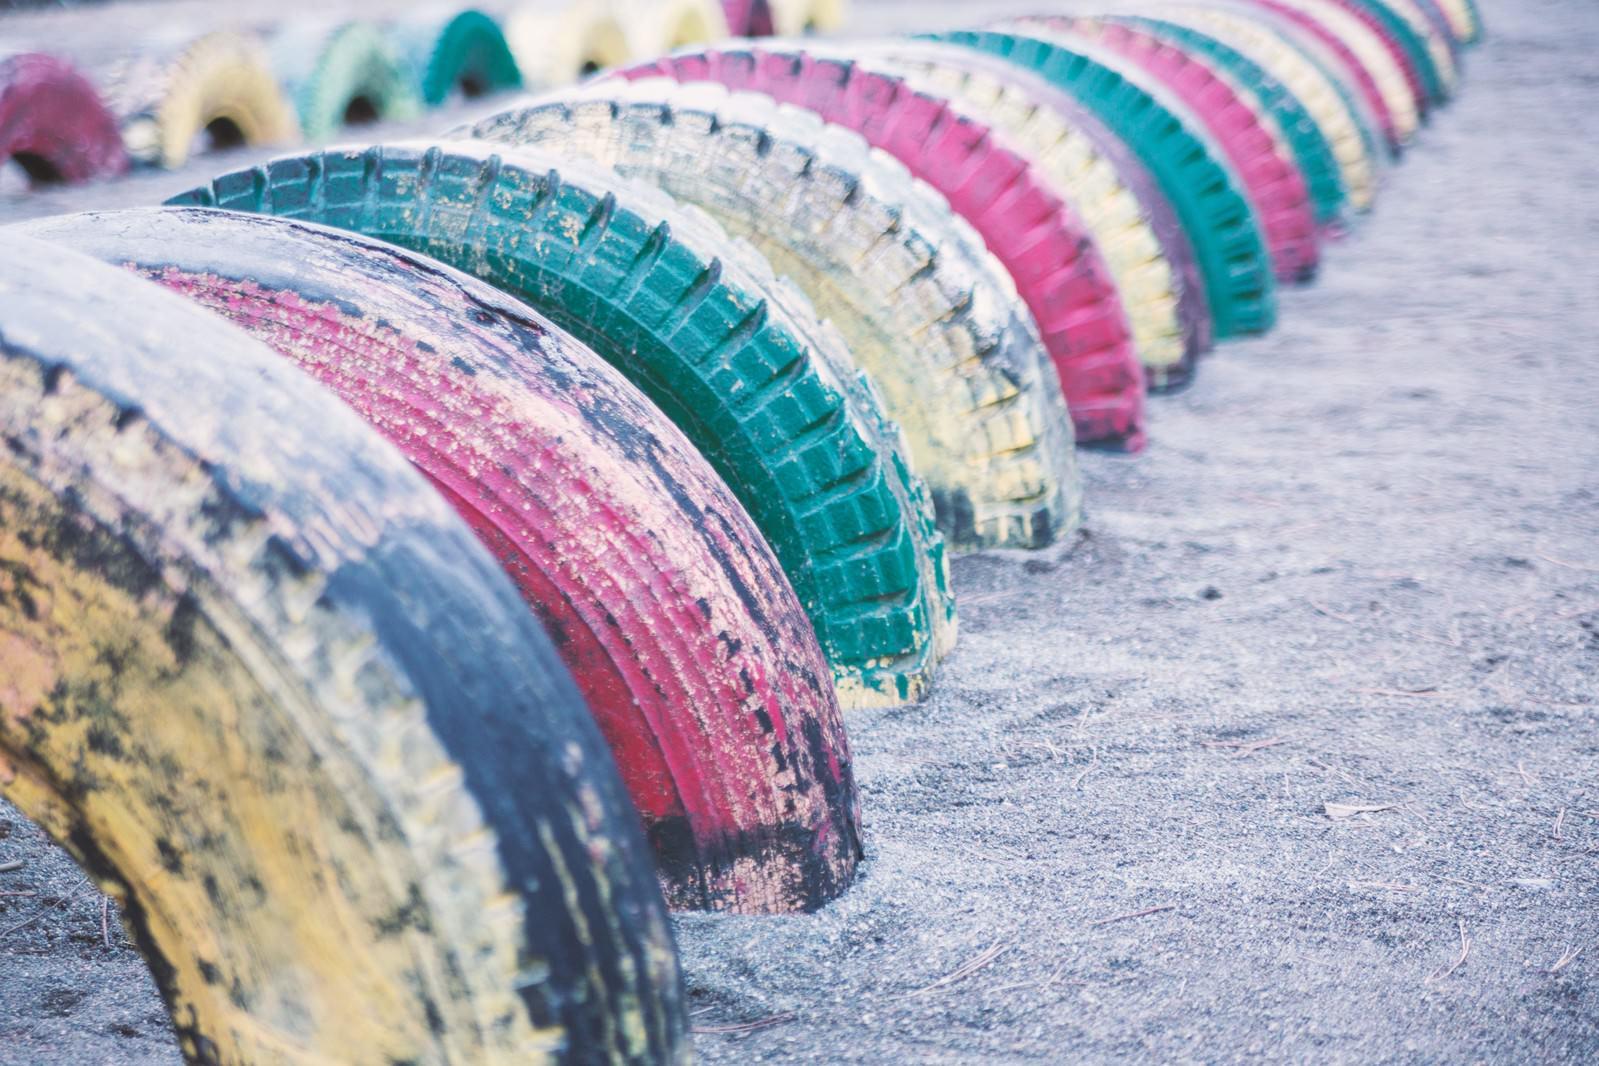 「公園にあるタイヤの遊具」の写真